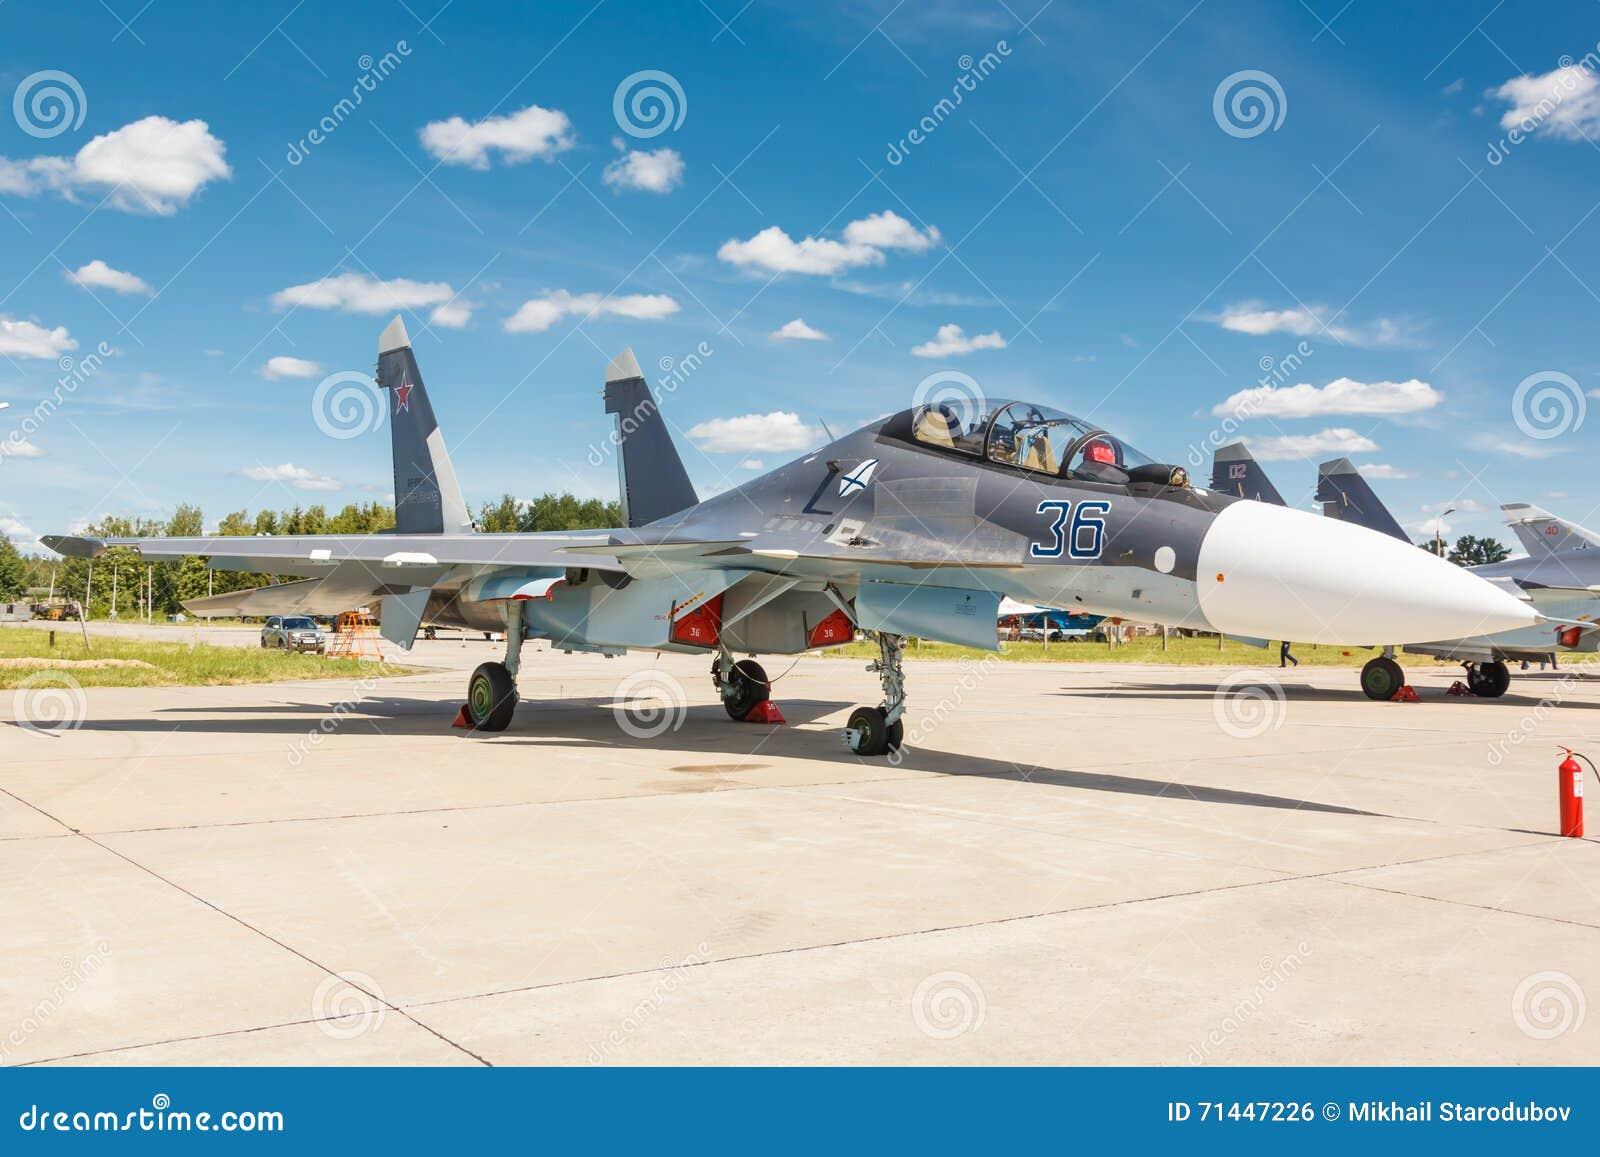 Aereo Da Caccia Giapponese : Sukhoi su è un aereo da caccia supersonico